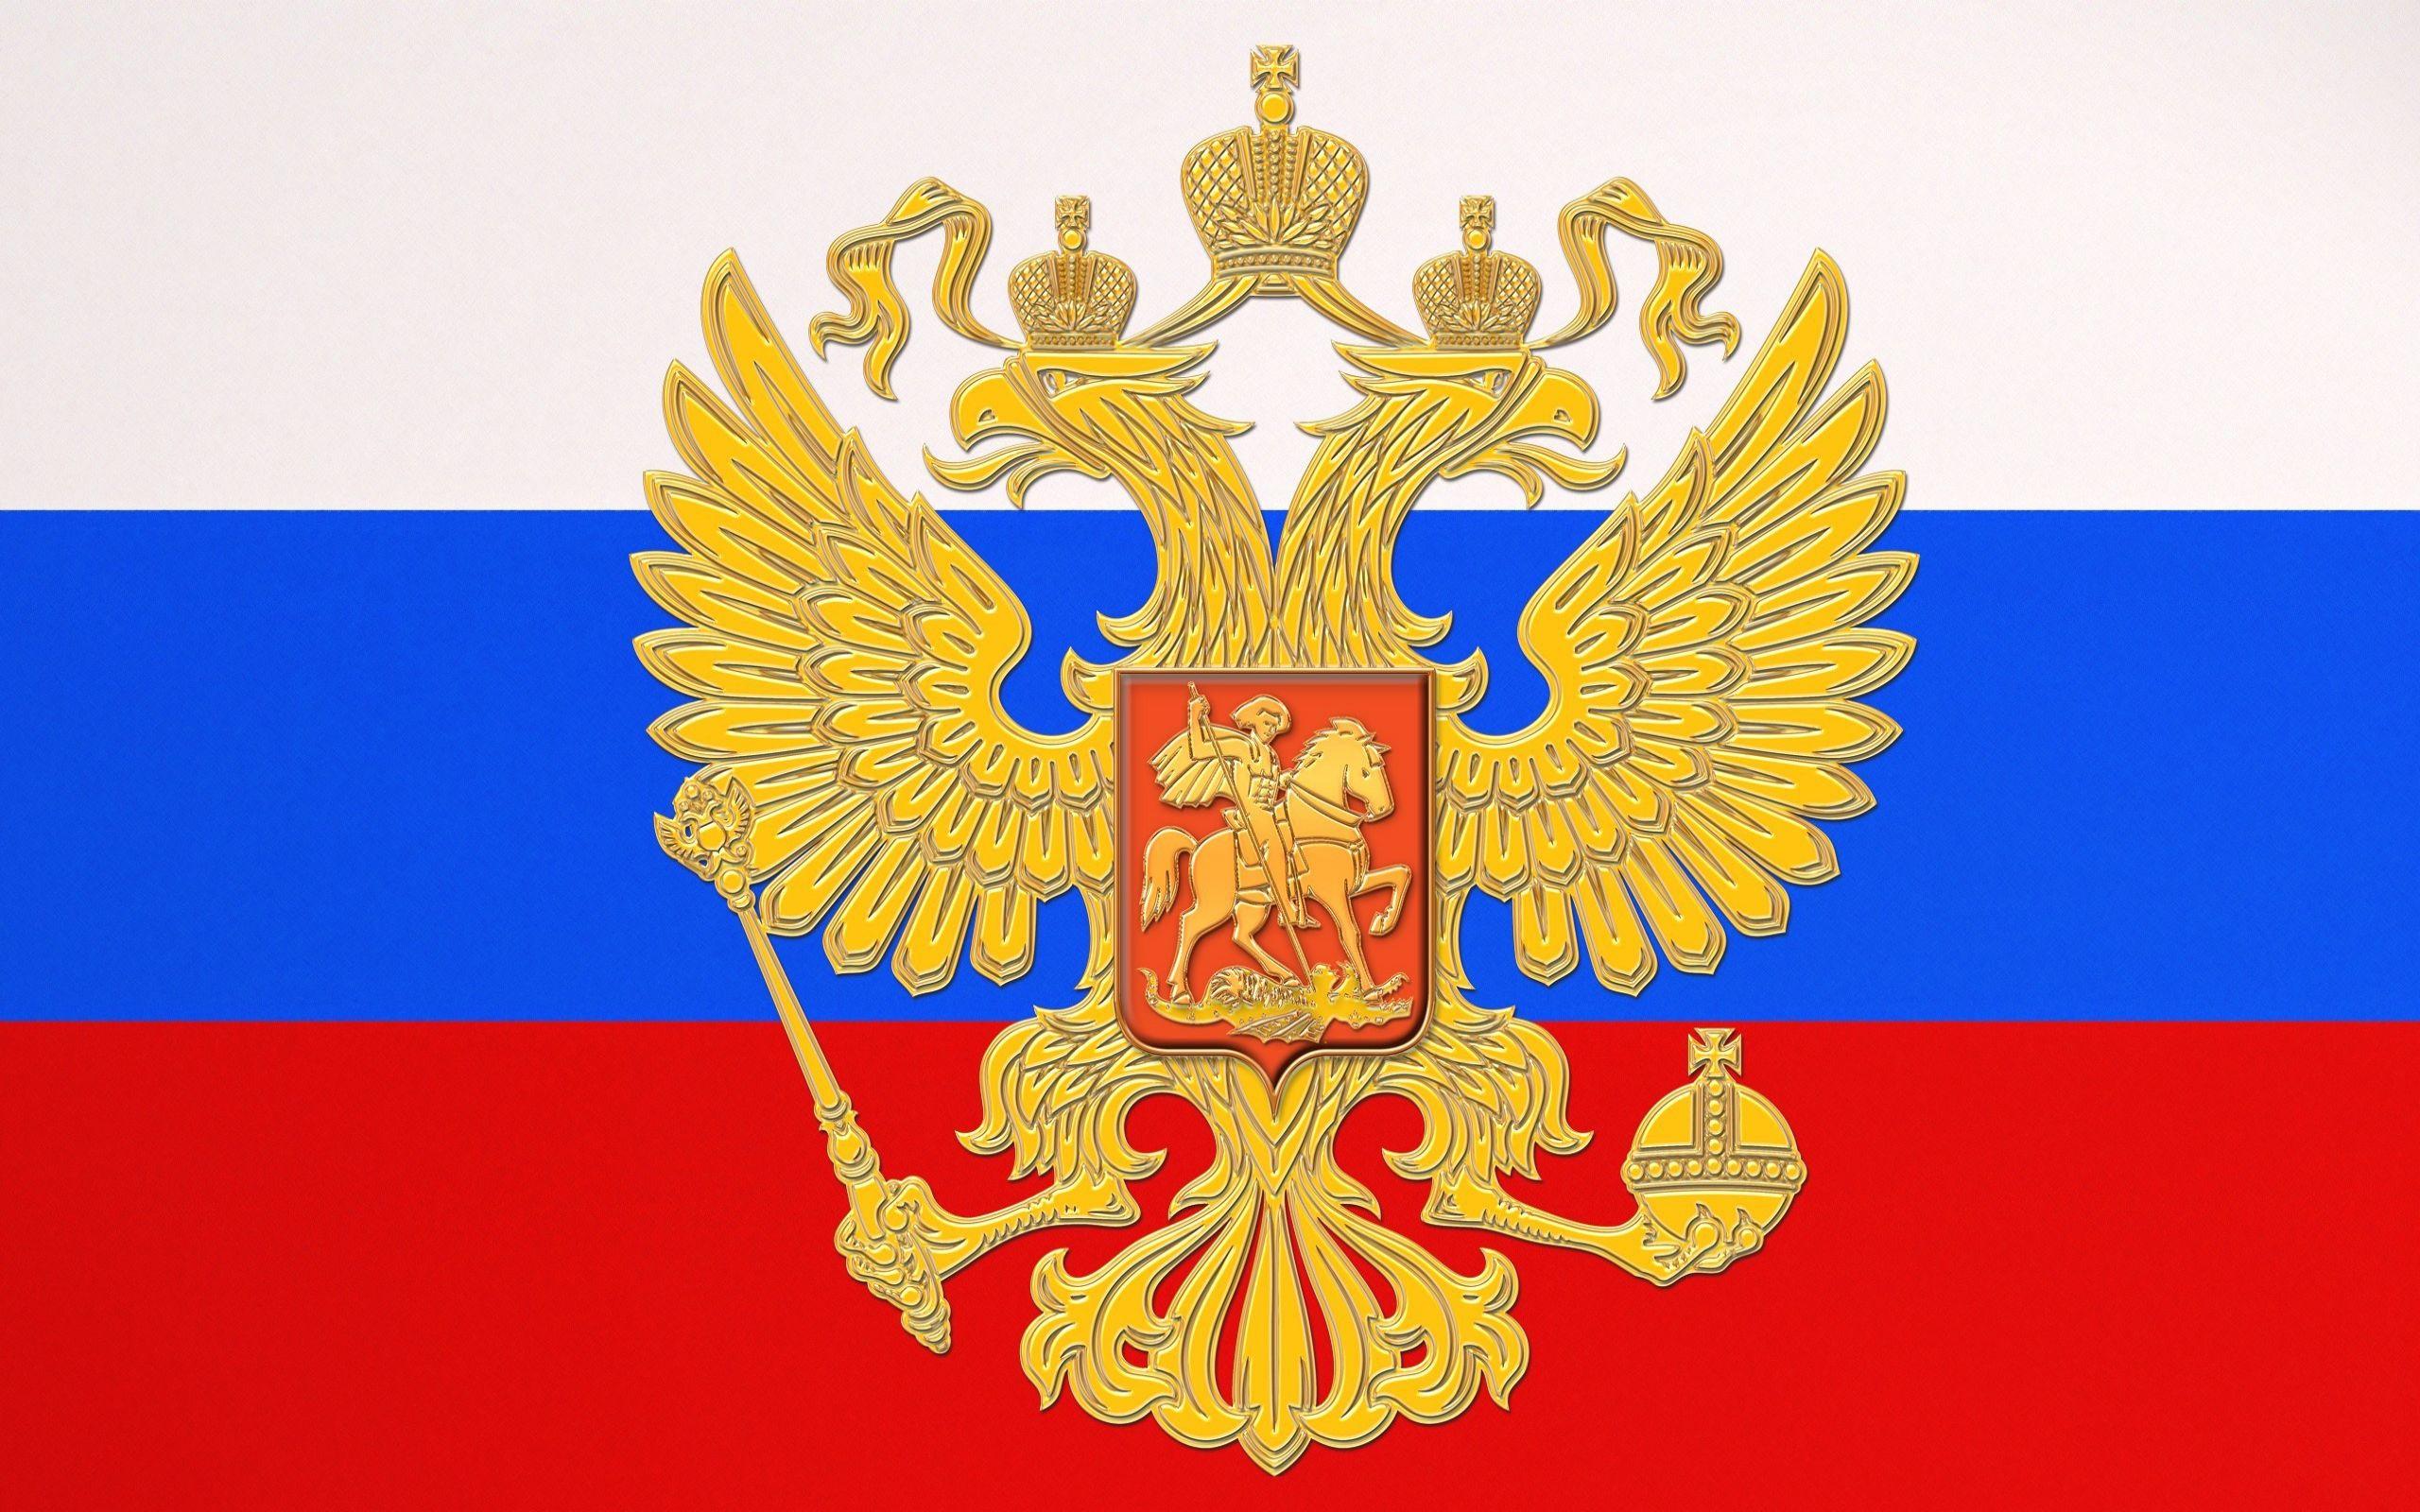 Группа Челси выступит на дне Российского Флага, SLG group.